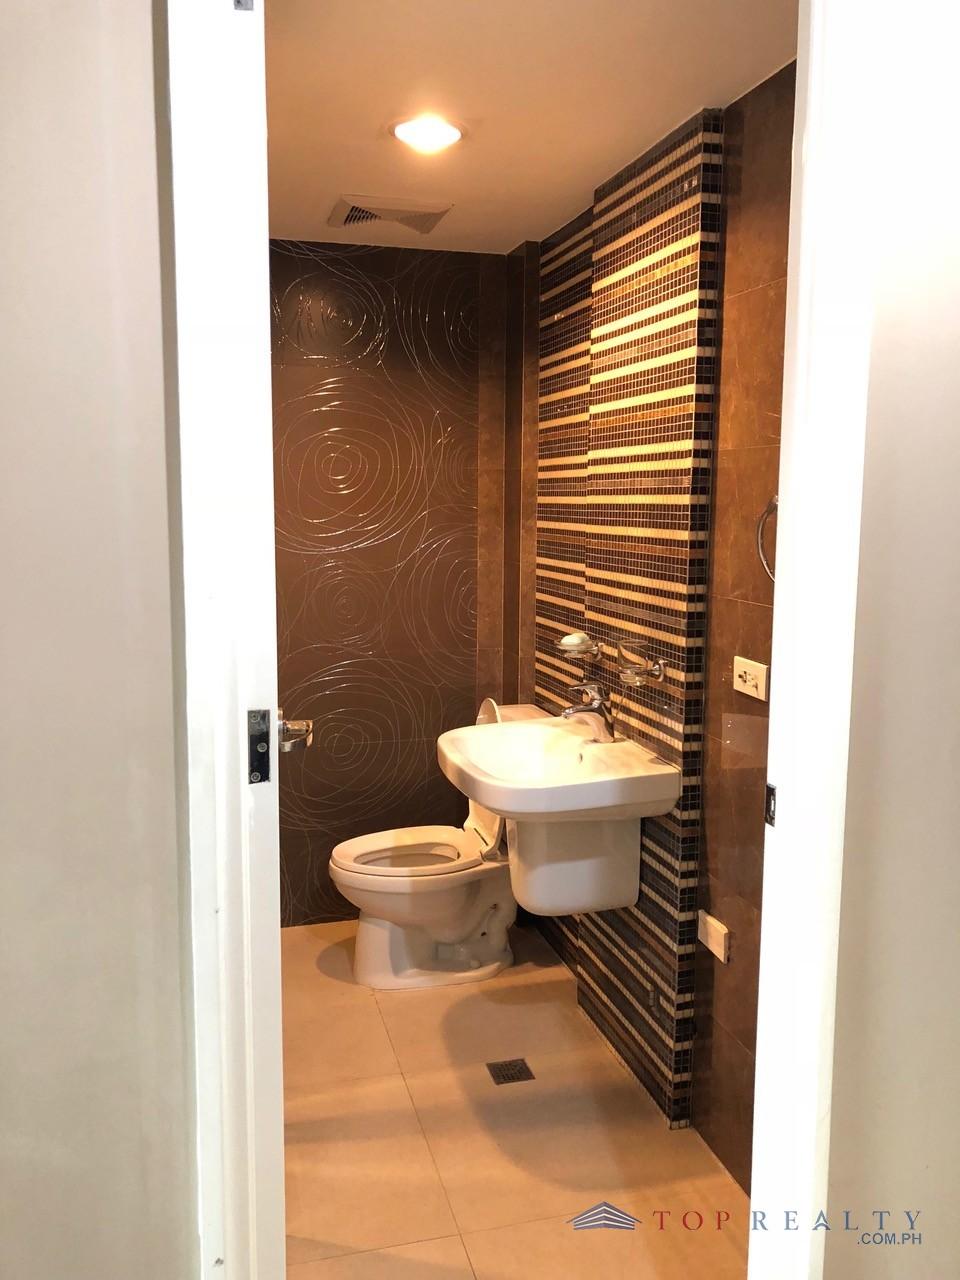 3 Bedroom Condos In Panama City Beach: DR88327- Three Bedroom 3BR Condo